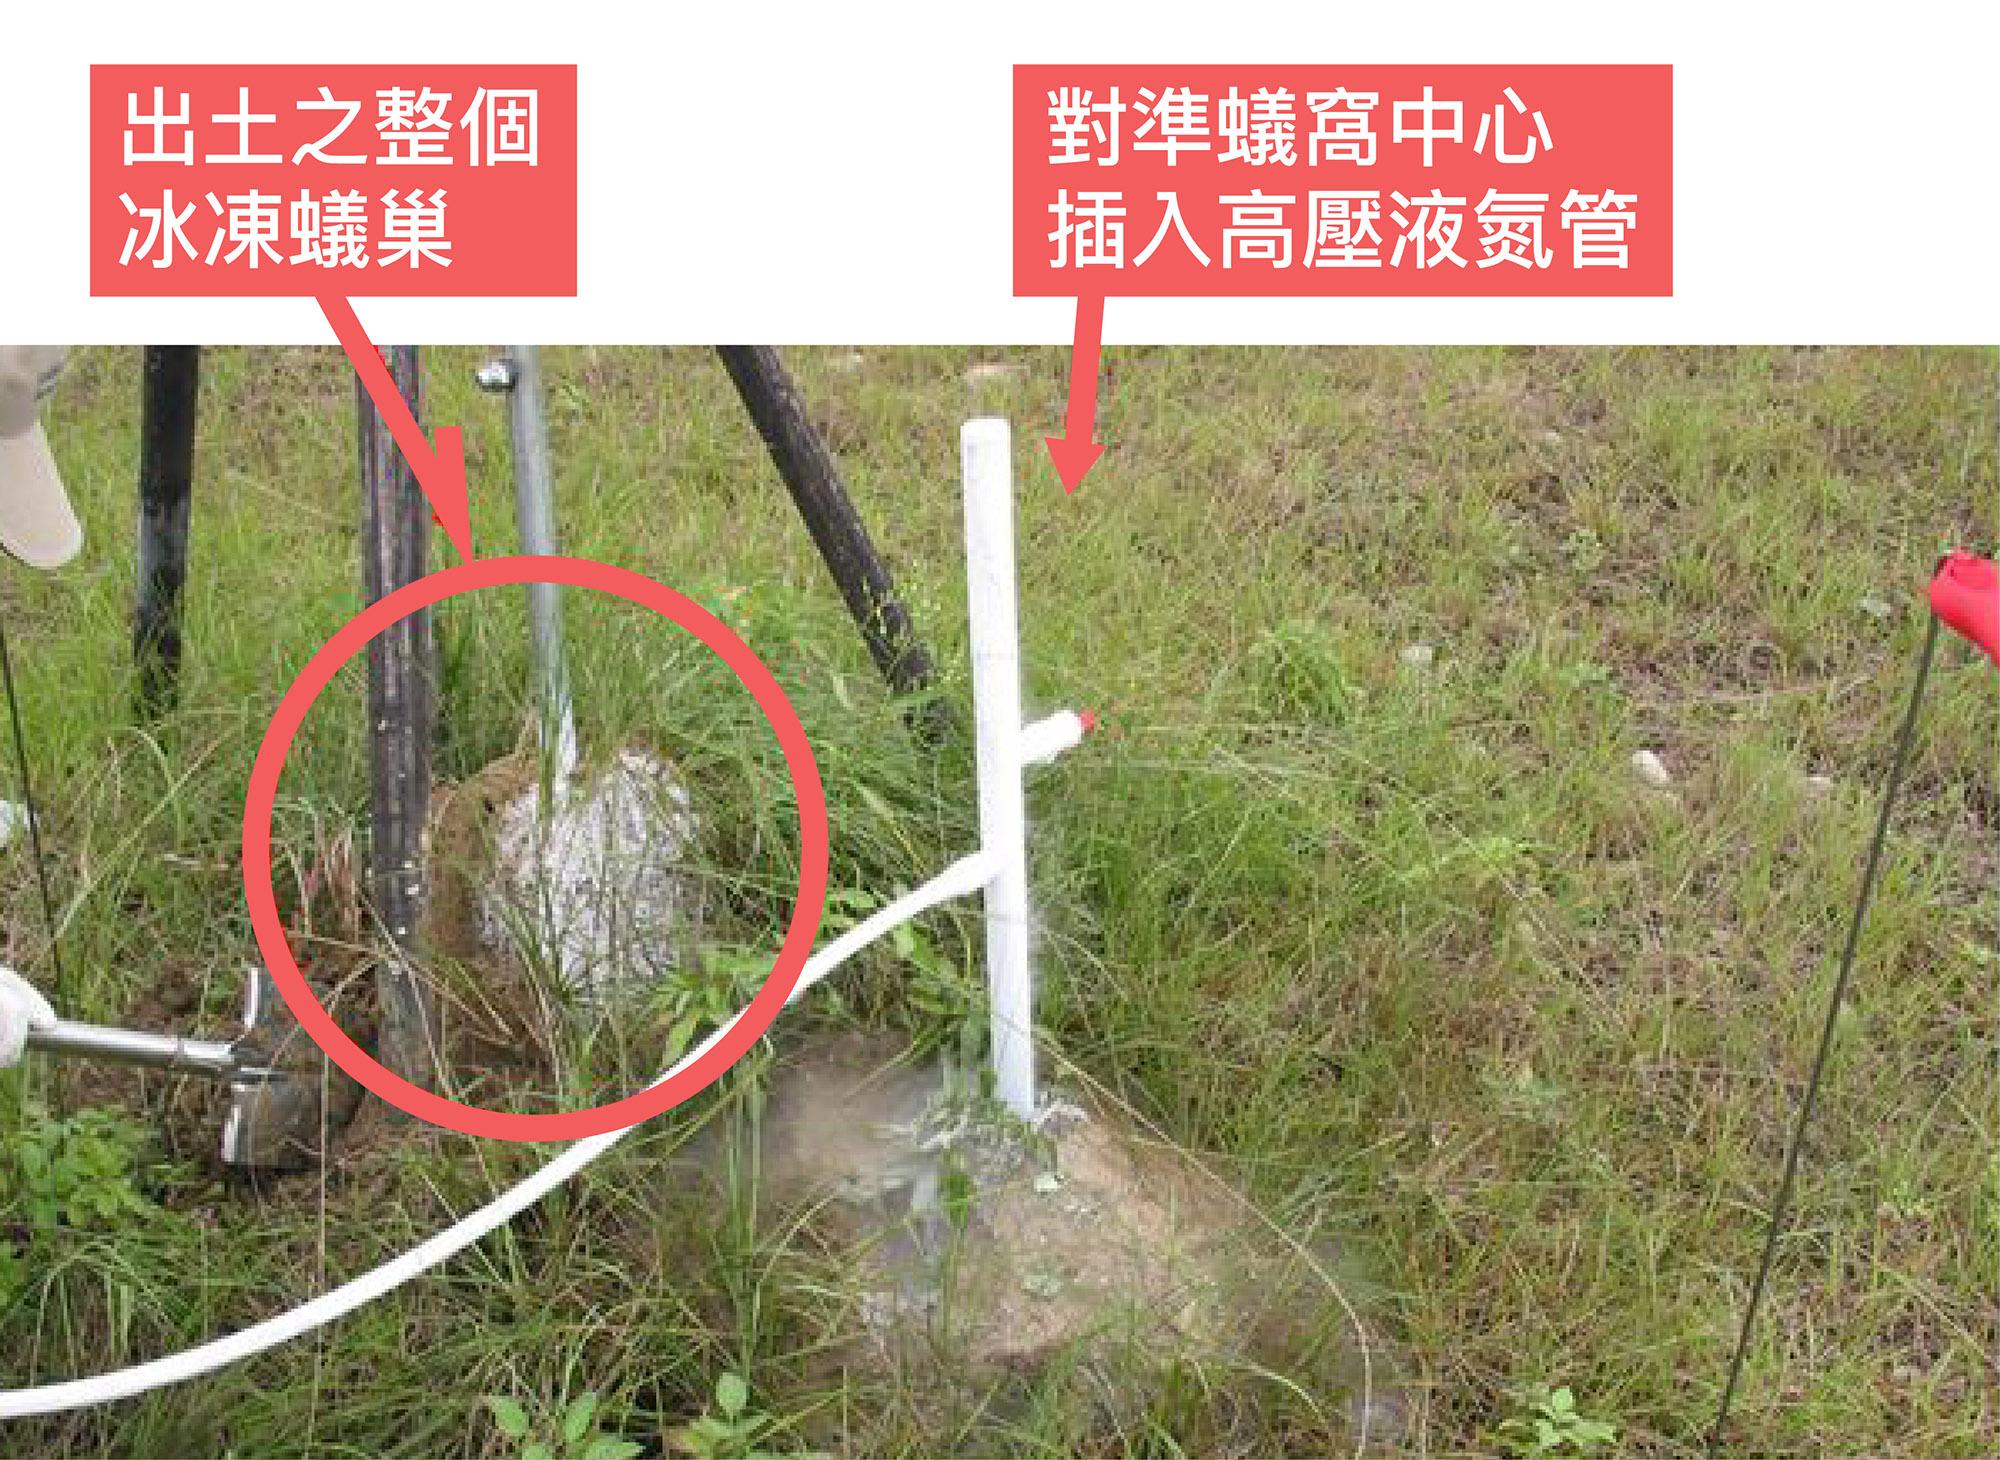 利用液態氮冷凍紅火蟻蟻巢。 圖片來源│陳洋元提供 圖說重製│張語辰